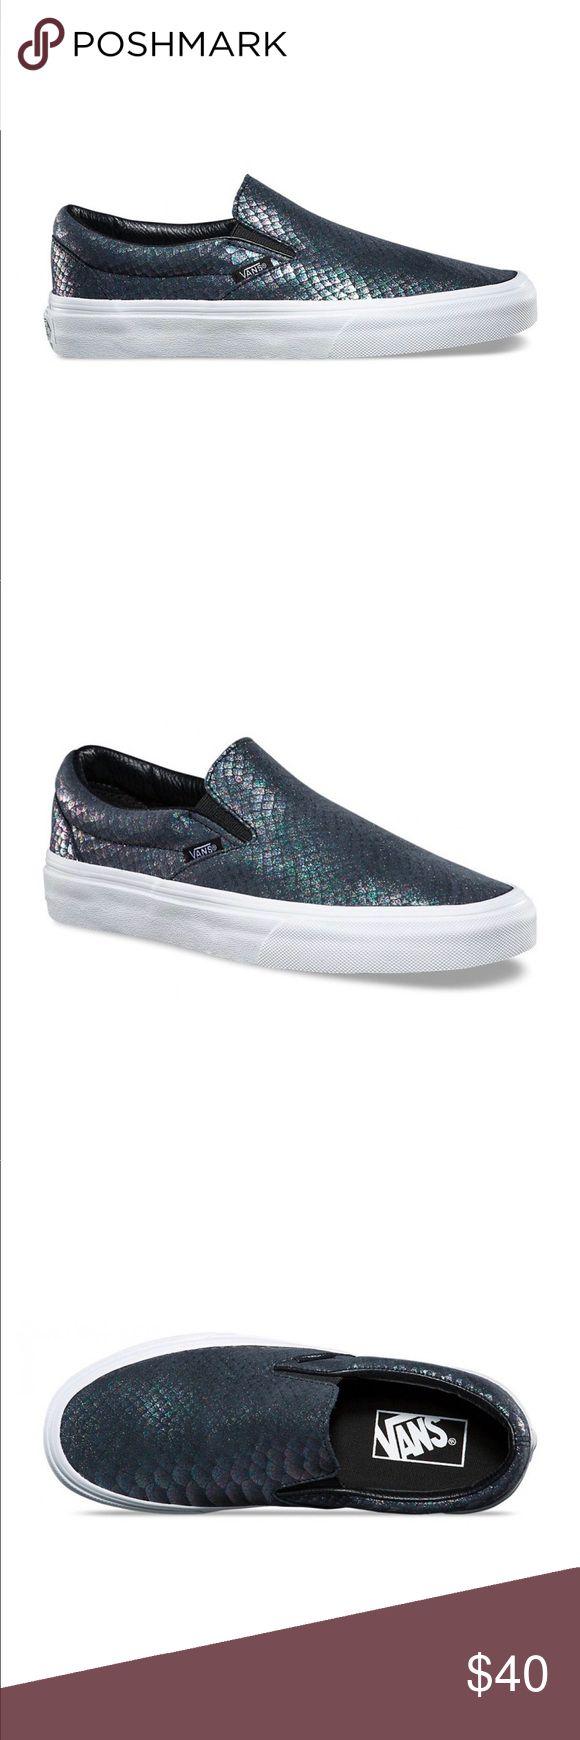 Classic slip on vans Metallic snake vans slip ons , size : 10 mens Vans Shoes Sneakers